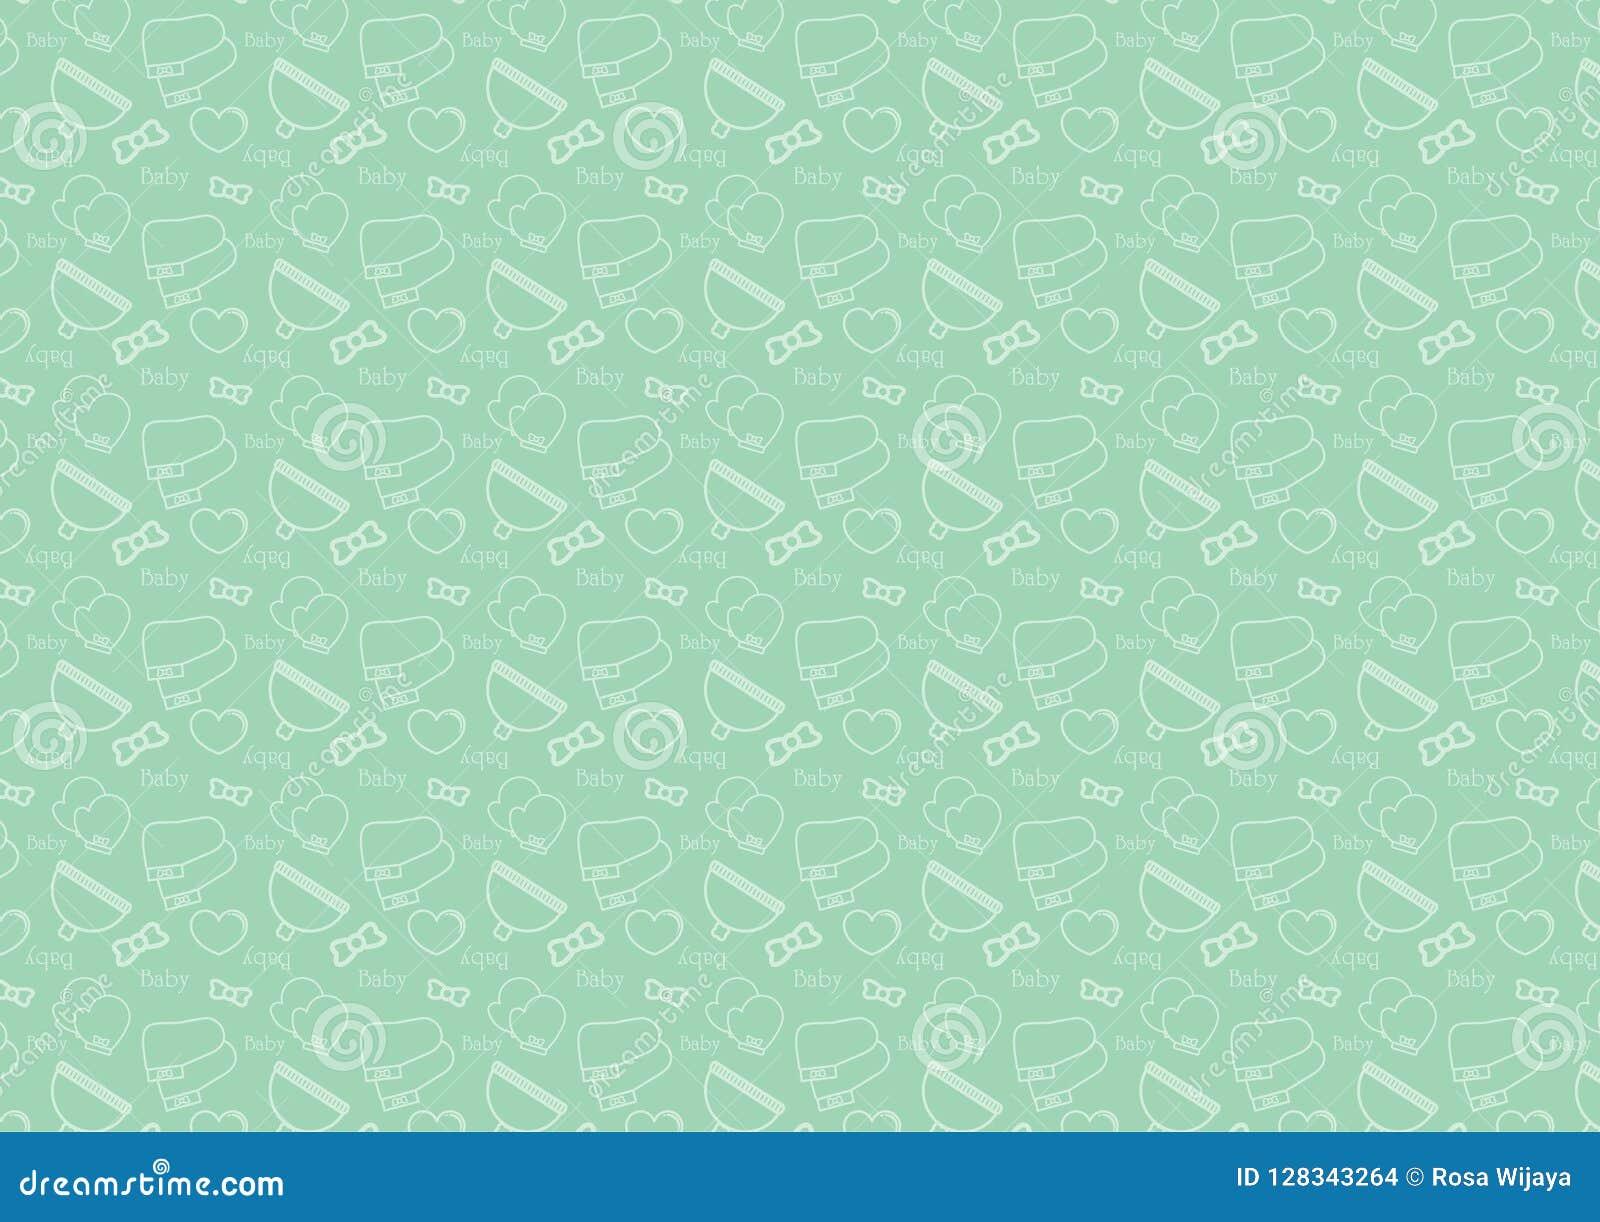 Άνευ ραφής σχέδιο στο εικονίδιο ύφους γραμμών με διάνυσμα θέματος εξαρτημάτων μωρών το editable resizable πλήρως στο μαλακό πράσι